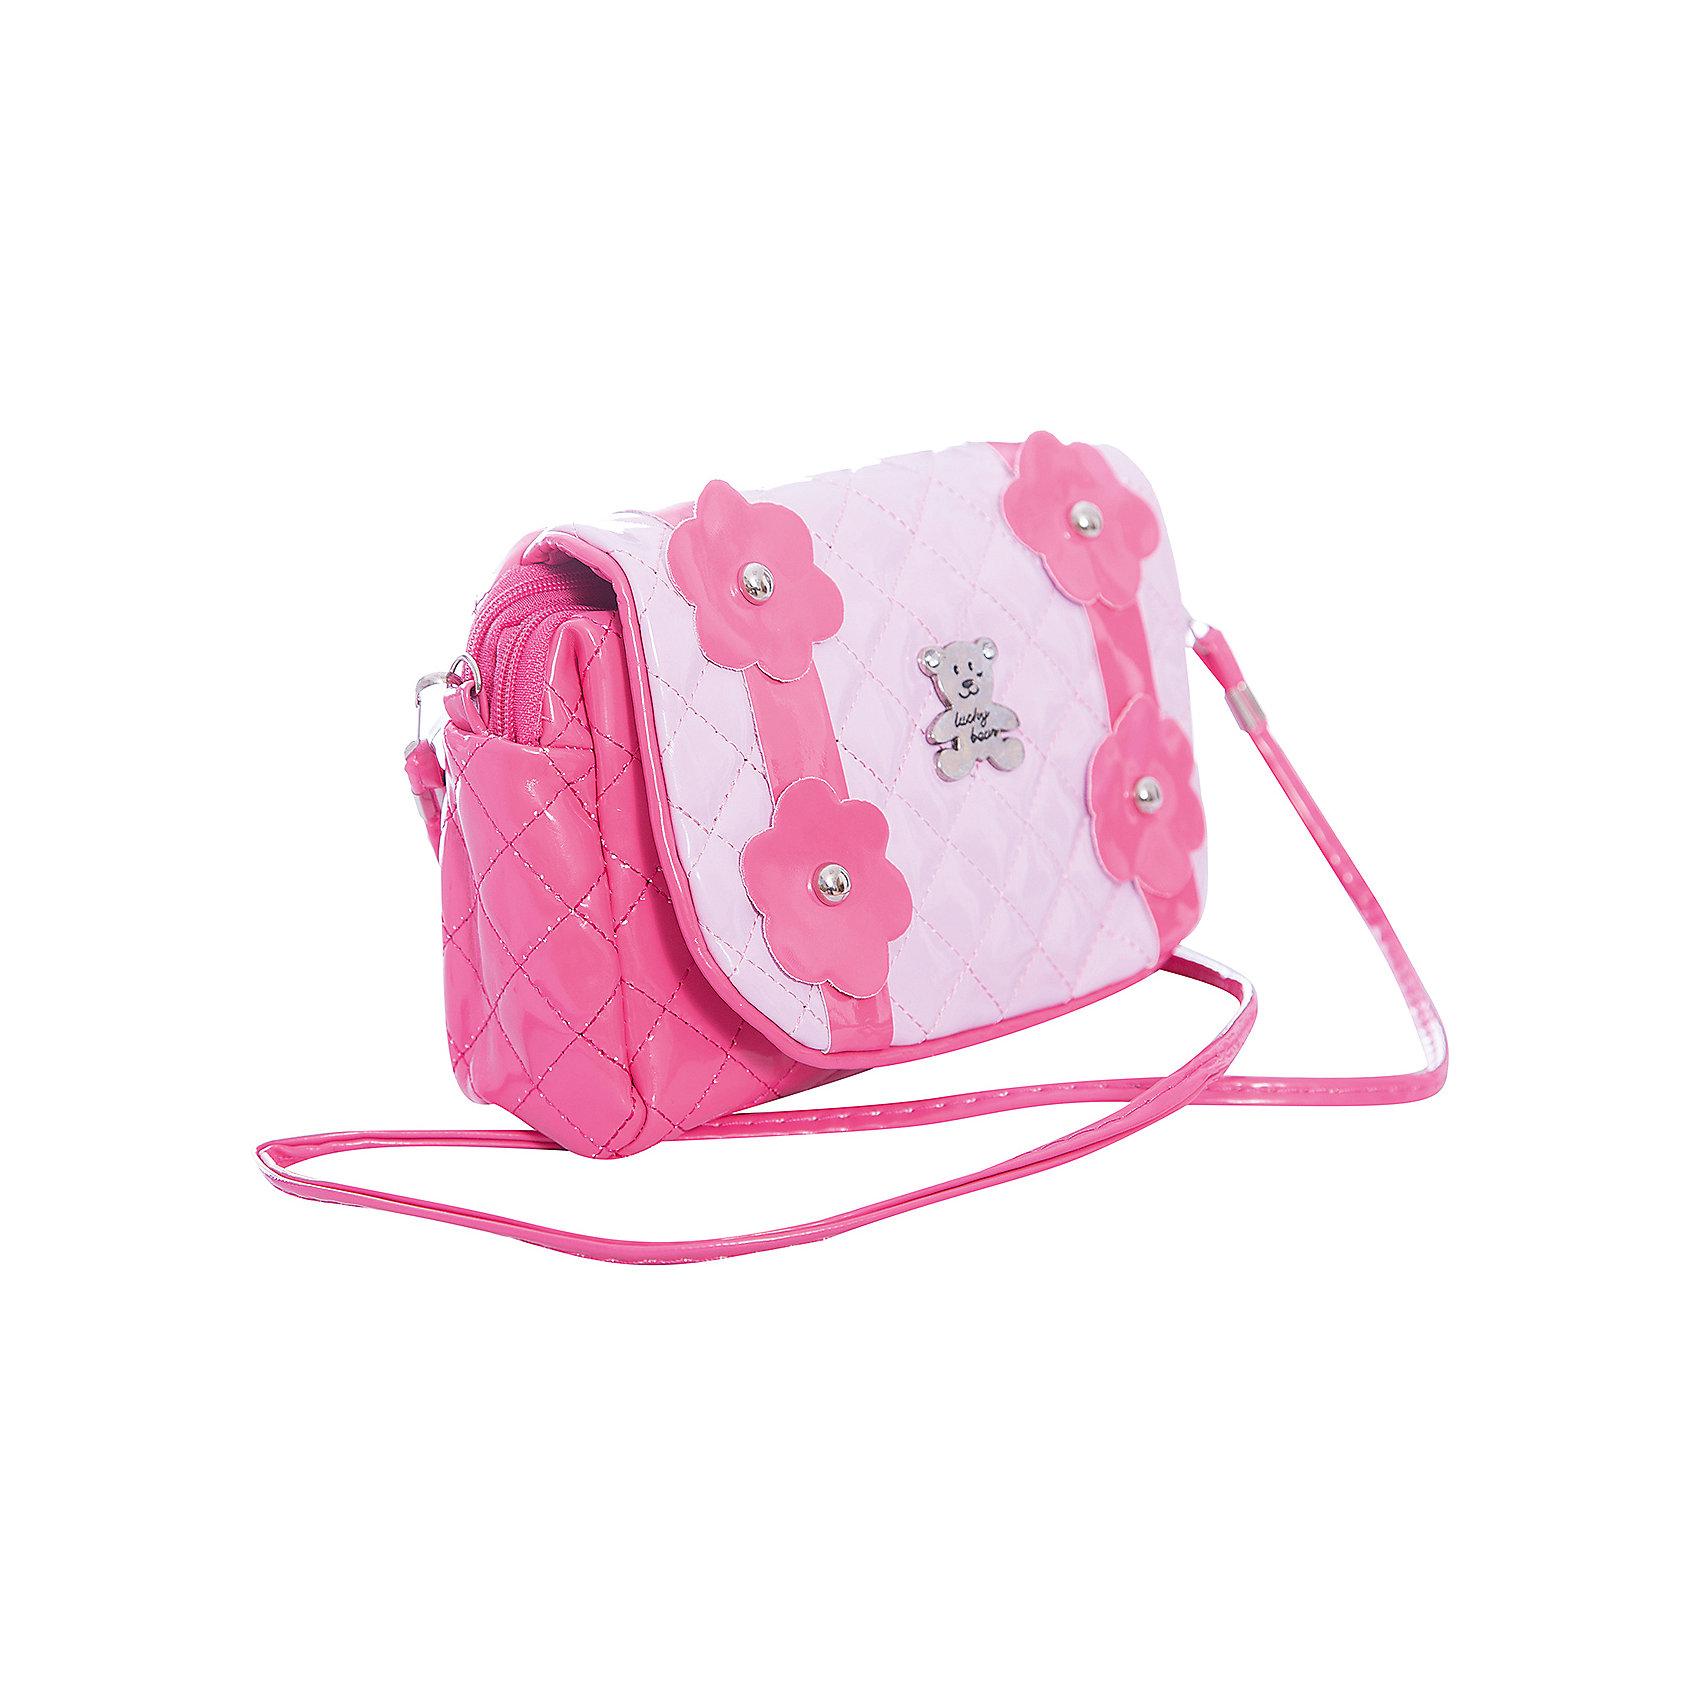 Сумочка Цветы на плечо, розоваяДетские сумки<br>Любой маленькой моднице может понравиться стильная розовая сумочка Цветы, которую можно носить как по-взрослому, на одном плече, так и перекинув длинную ручку через плечо. Сумка украшена ярко-розовыми цветами, а специальное покрытие под лак придает ей оригинальный вид. С такой сумочкой можно ходить в детский сад или в гости, в нее поместятся все необходимые девочке мелочи.<br><br>Ширина мм: 210<br>Глубина мм: 180<br>Высота мм: 300<br>Вес г: 101<br>Возраст от месяцев: 36<br>Возраст до месяцев: 2147483647<br>Пол: Женский<br>Возраст: Детский<br>SKU: 5508577